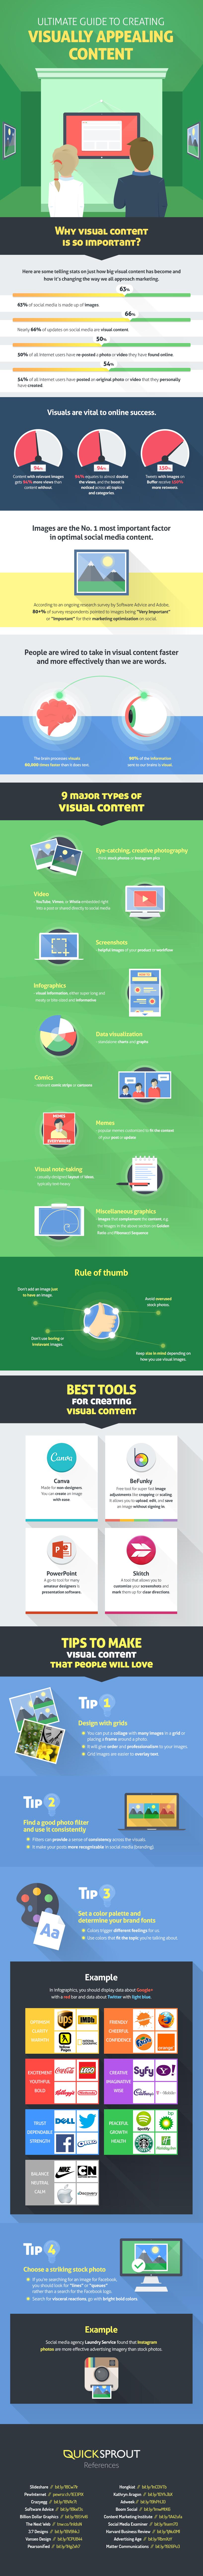 Guía para crear contenido visual atractivo